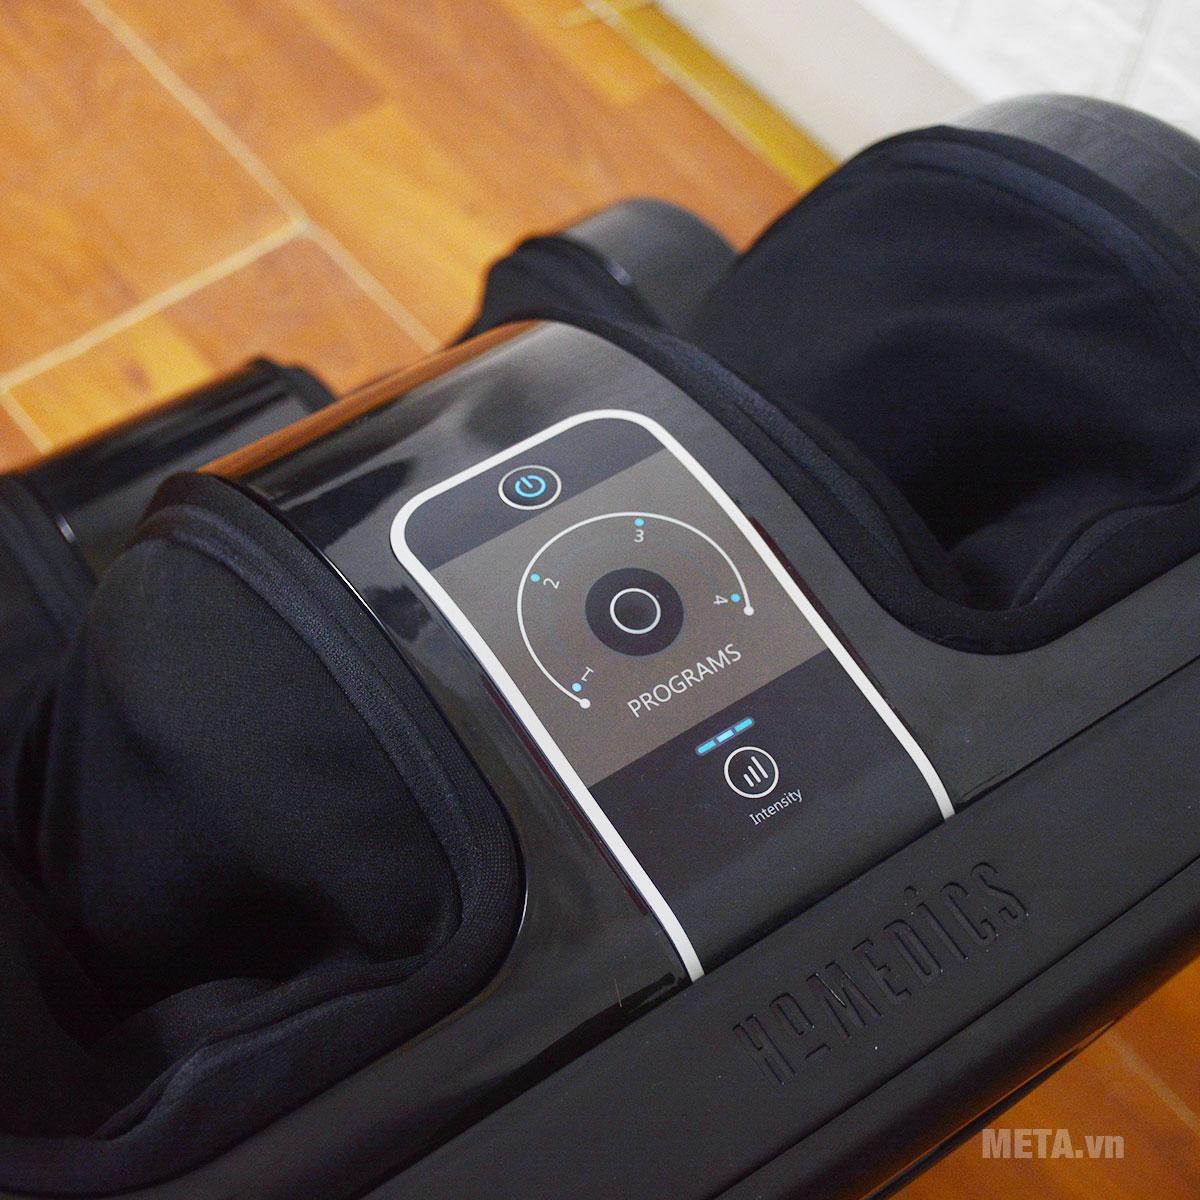 Máy massage chân HoMedics FMS-400J gồm 4 chương trình và 3 mức cường độ